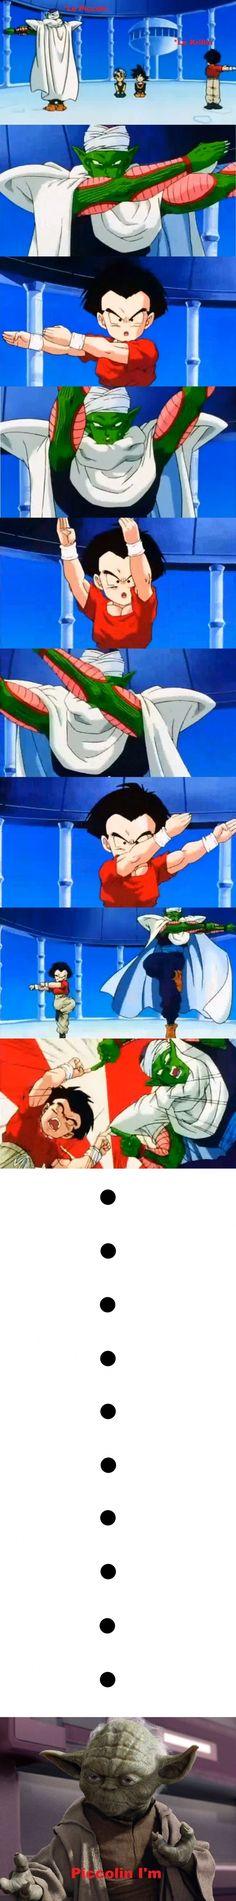 Piccolo & Krillin Fusion